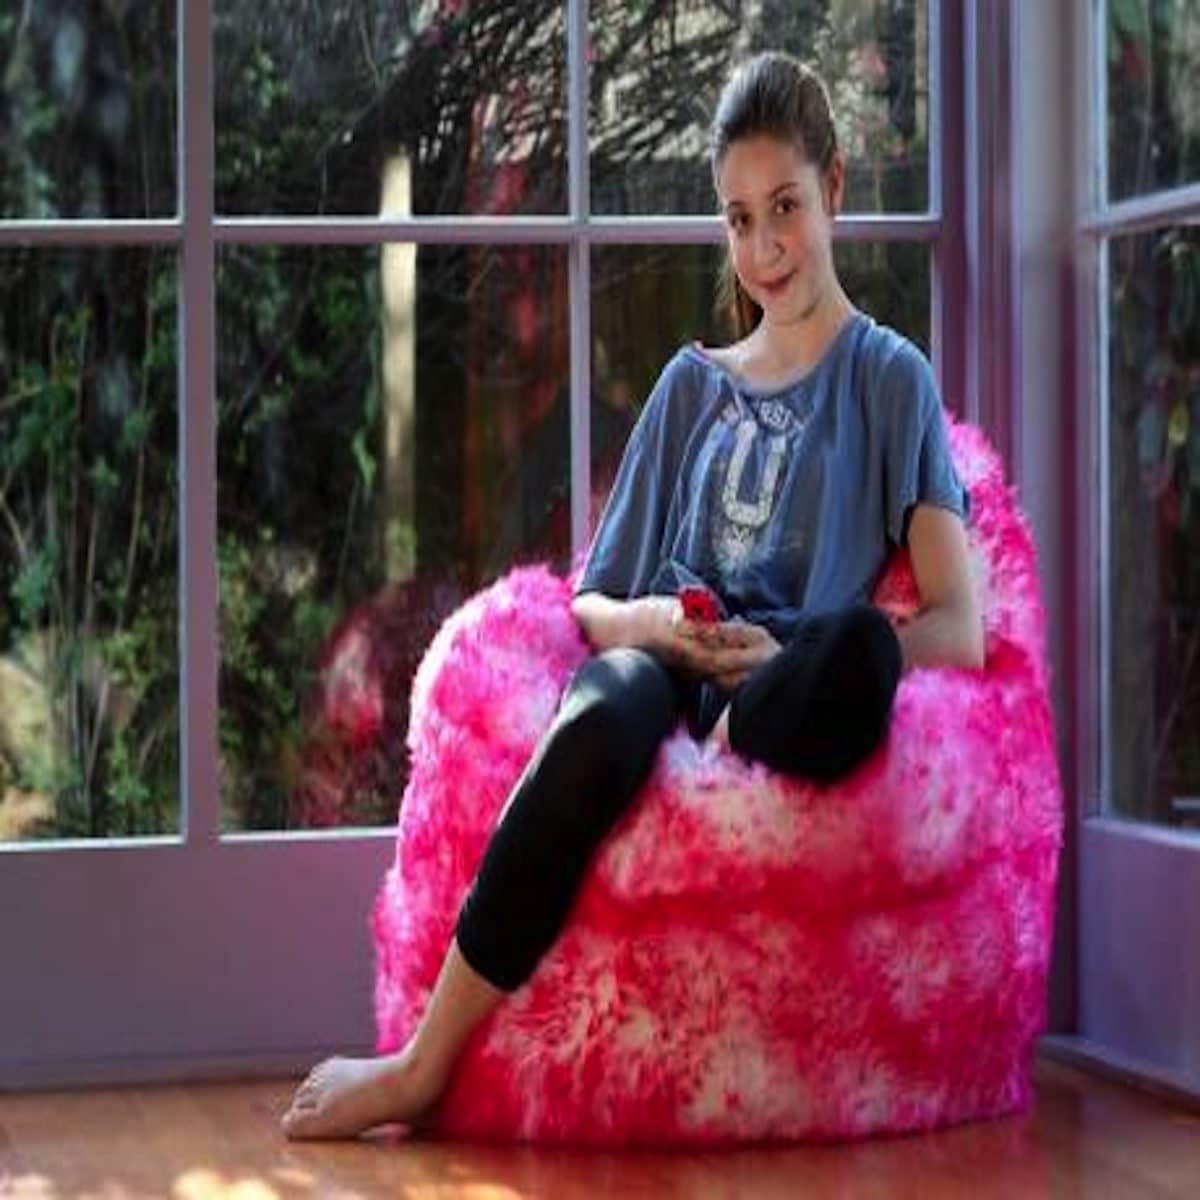 Sheepskin Bean Bag Seat - Pink Tipped